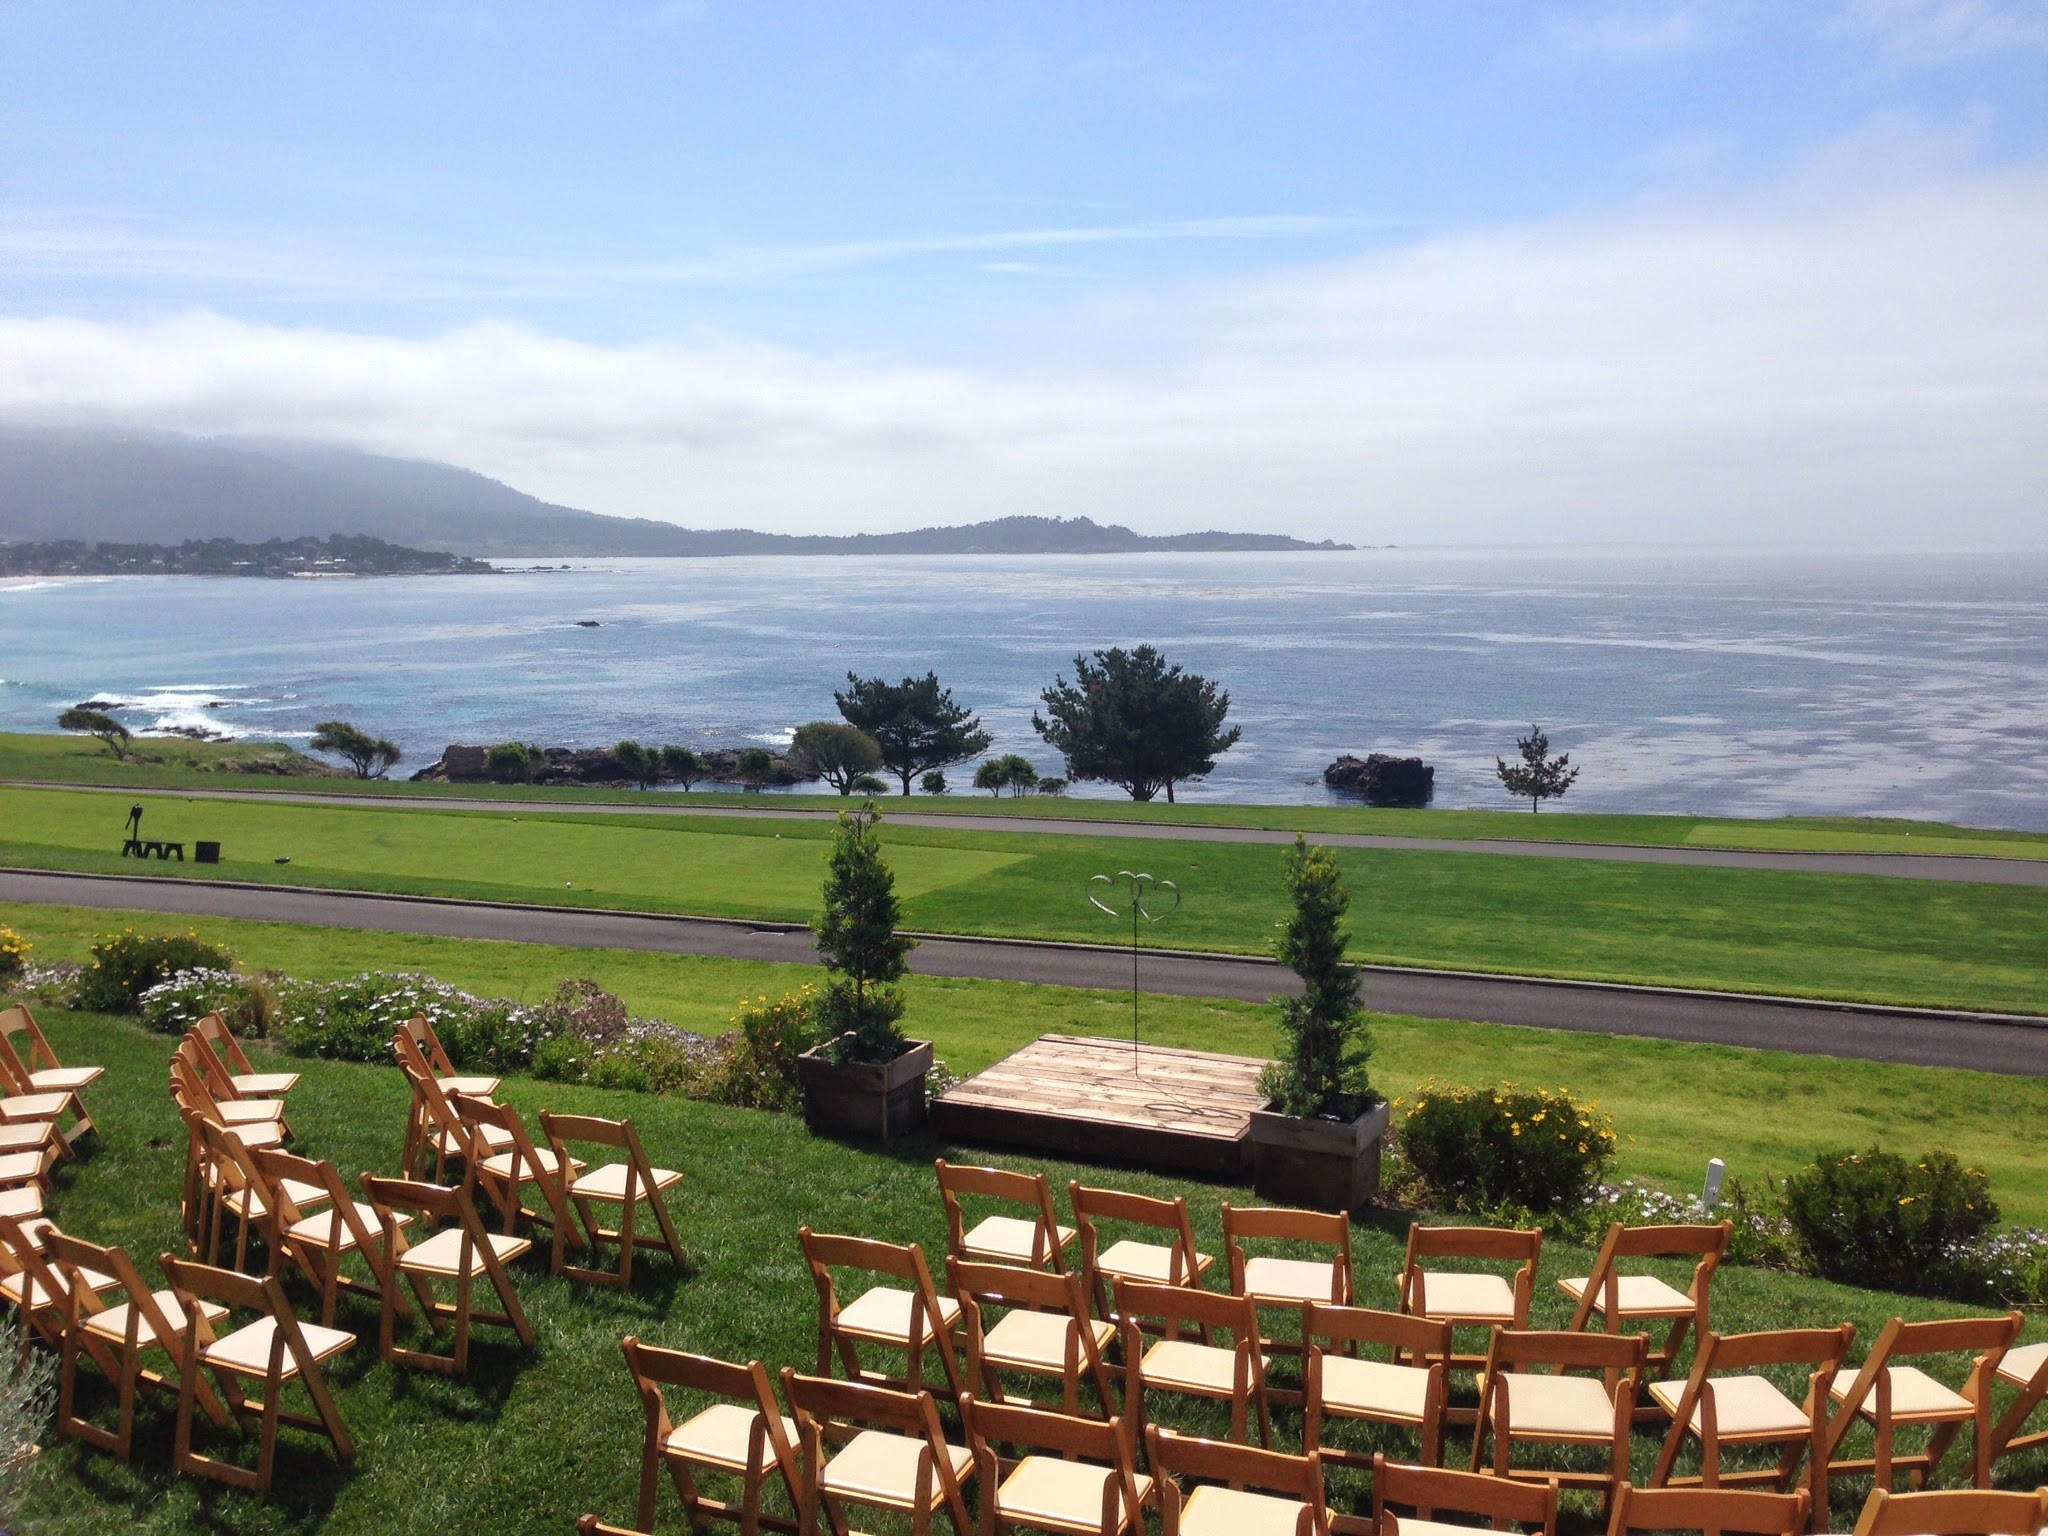 ocean-side-seating-2014.jpg